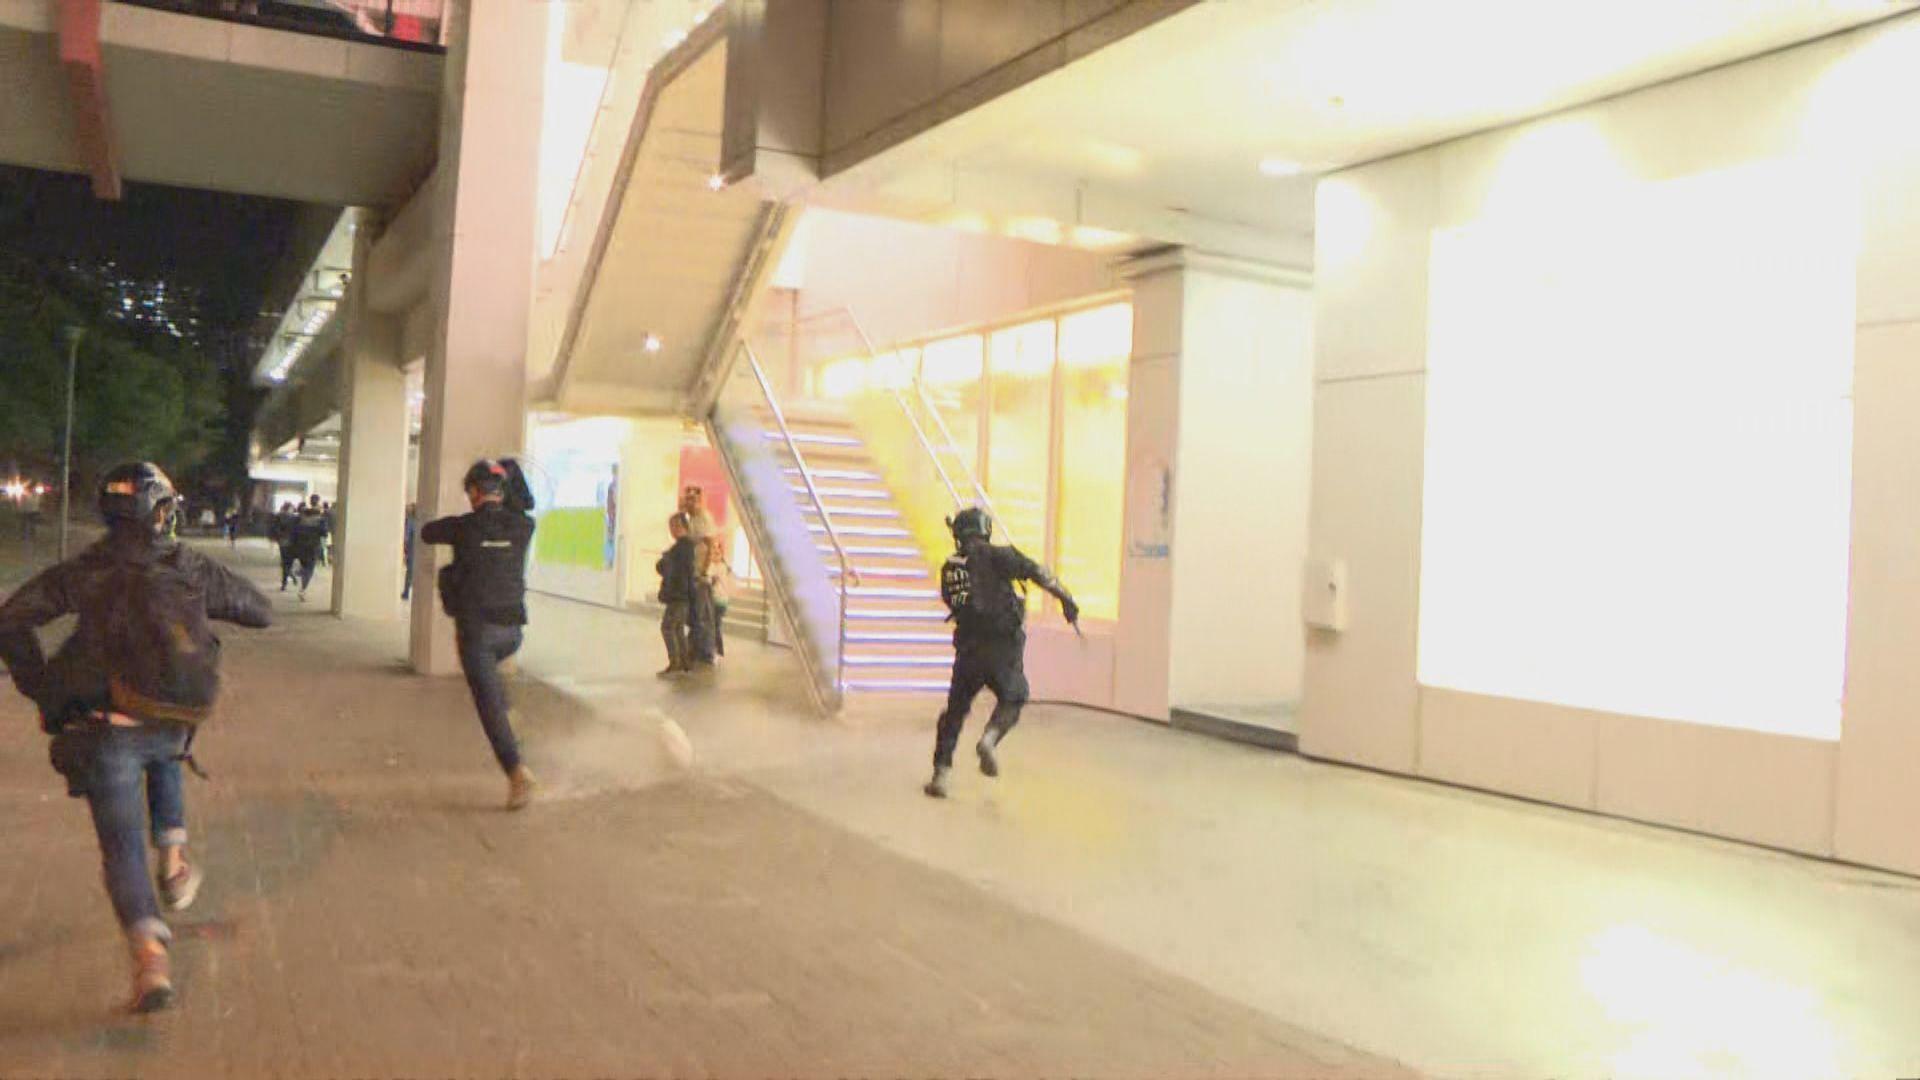 大埔晚上繼續有人聚集 警方多次進行驅散